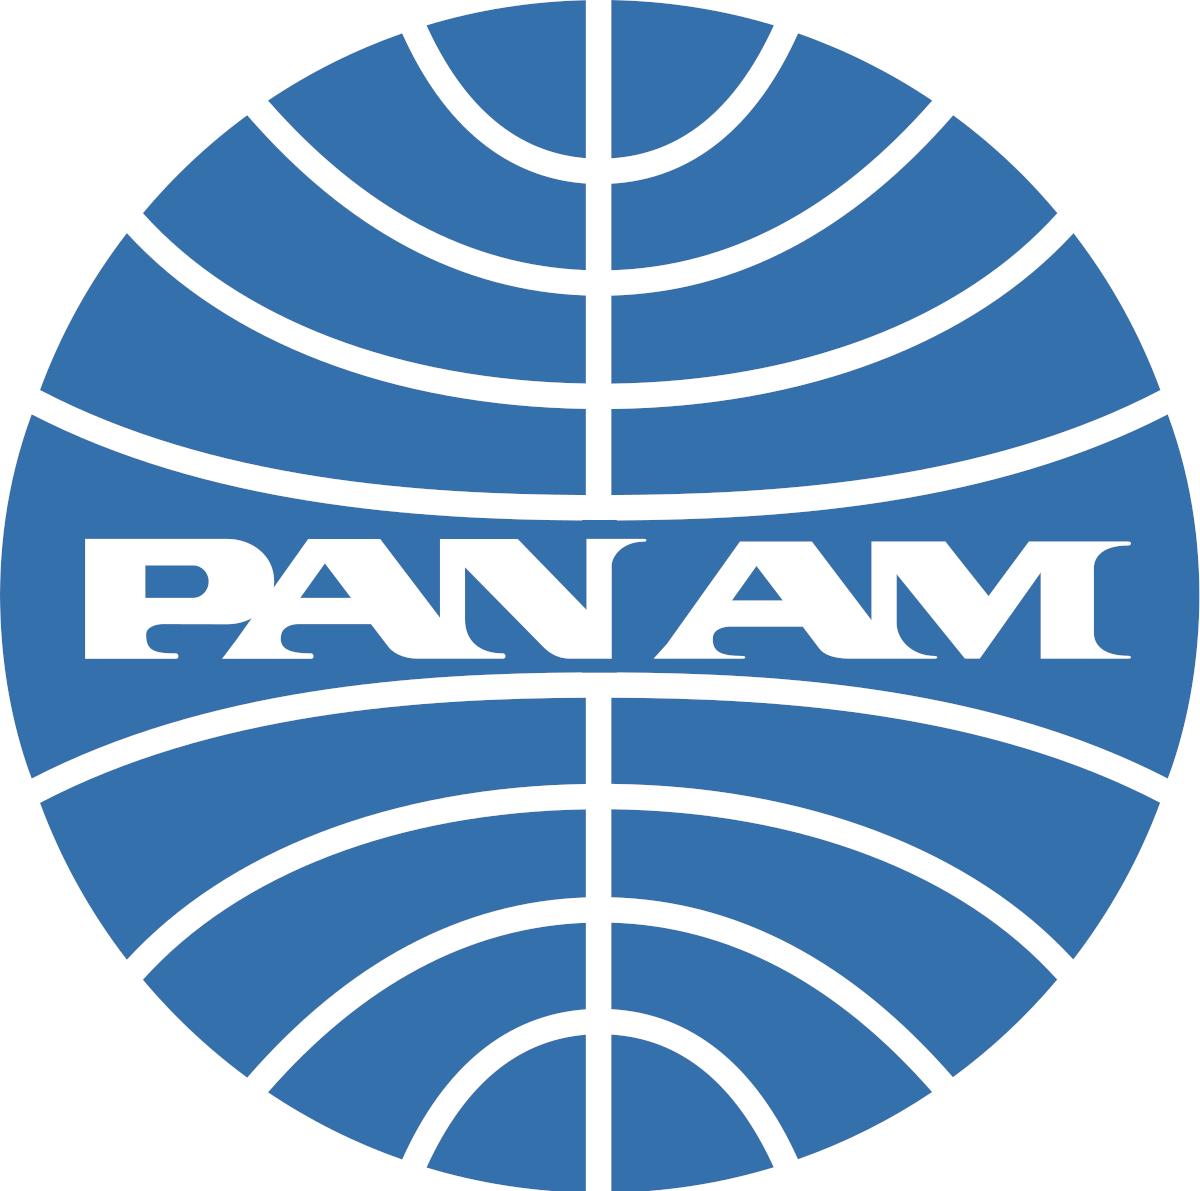 PanAm-PeekABooBlue.png